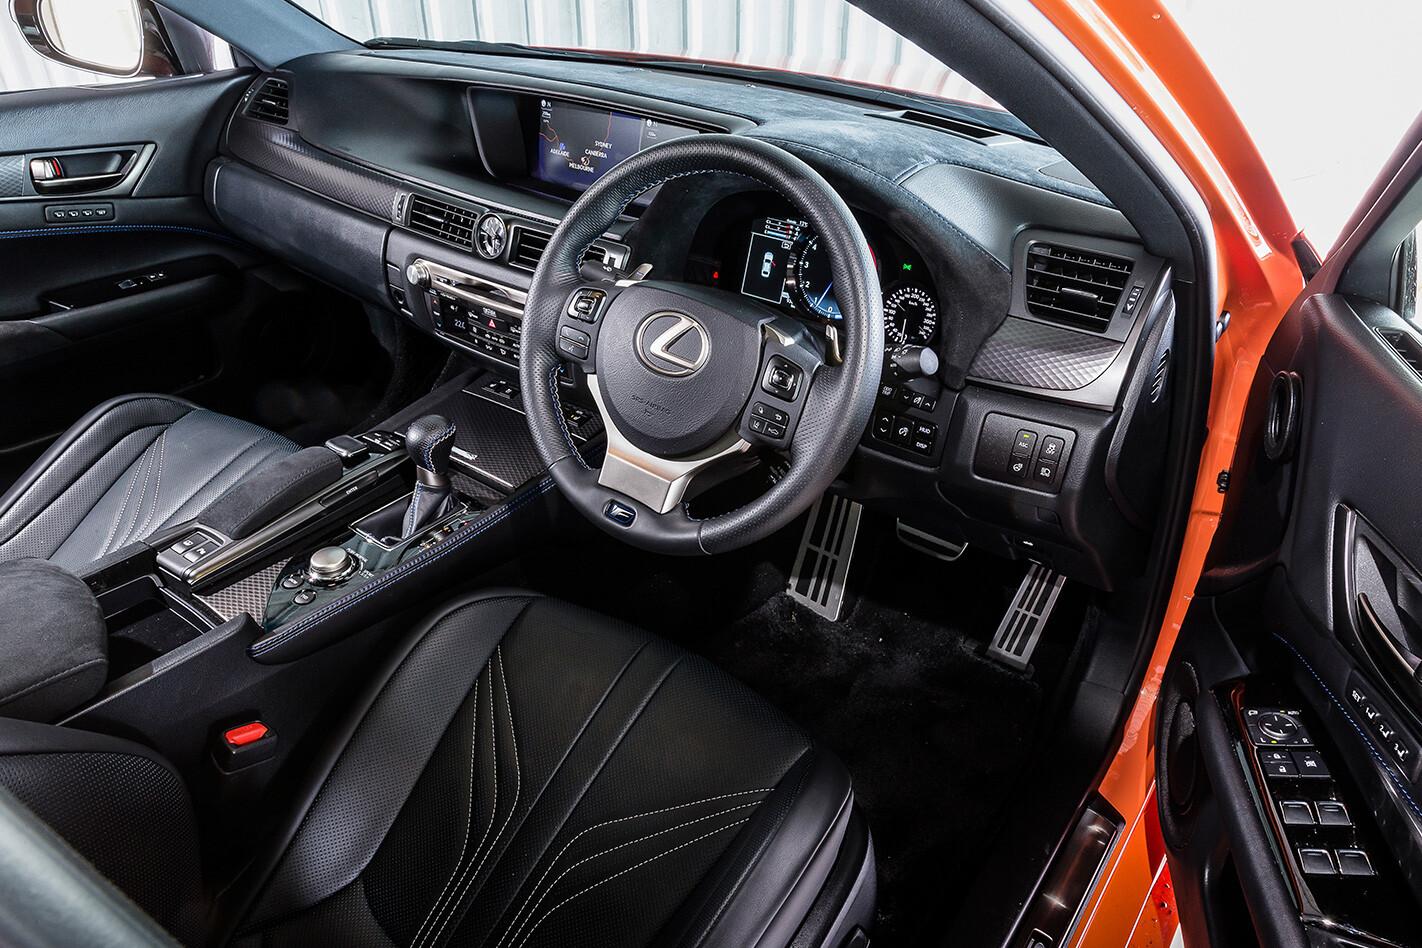 2017 Lexus GS F interior